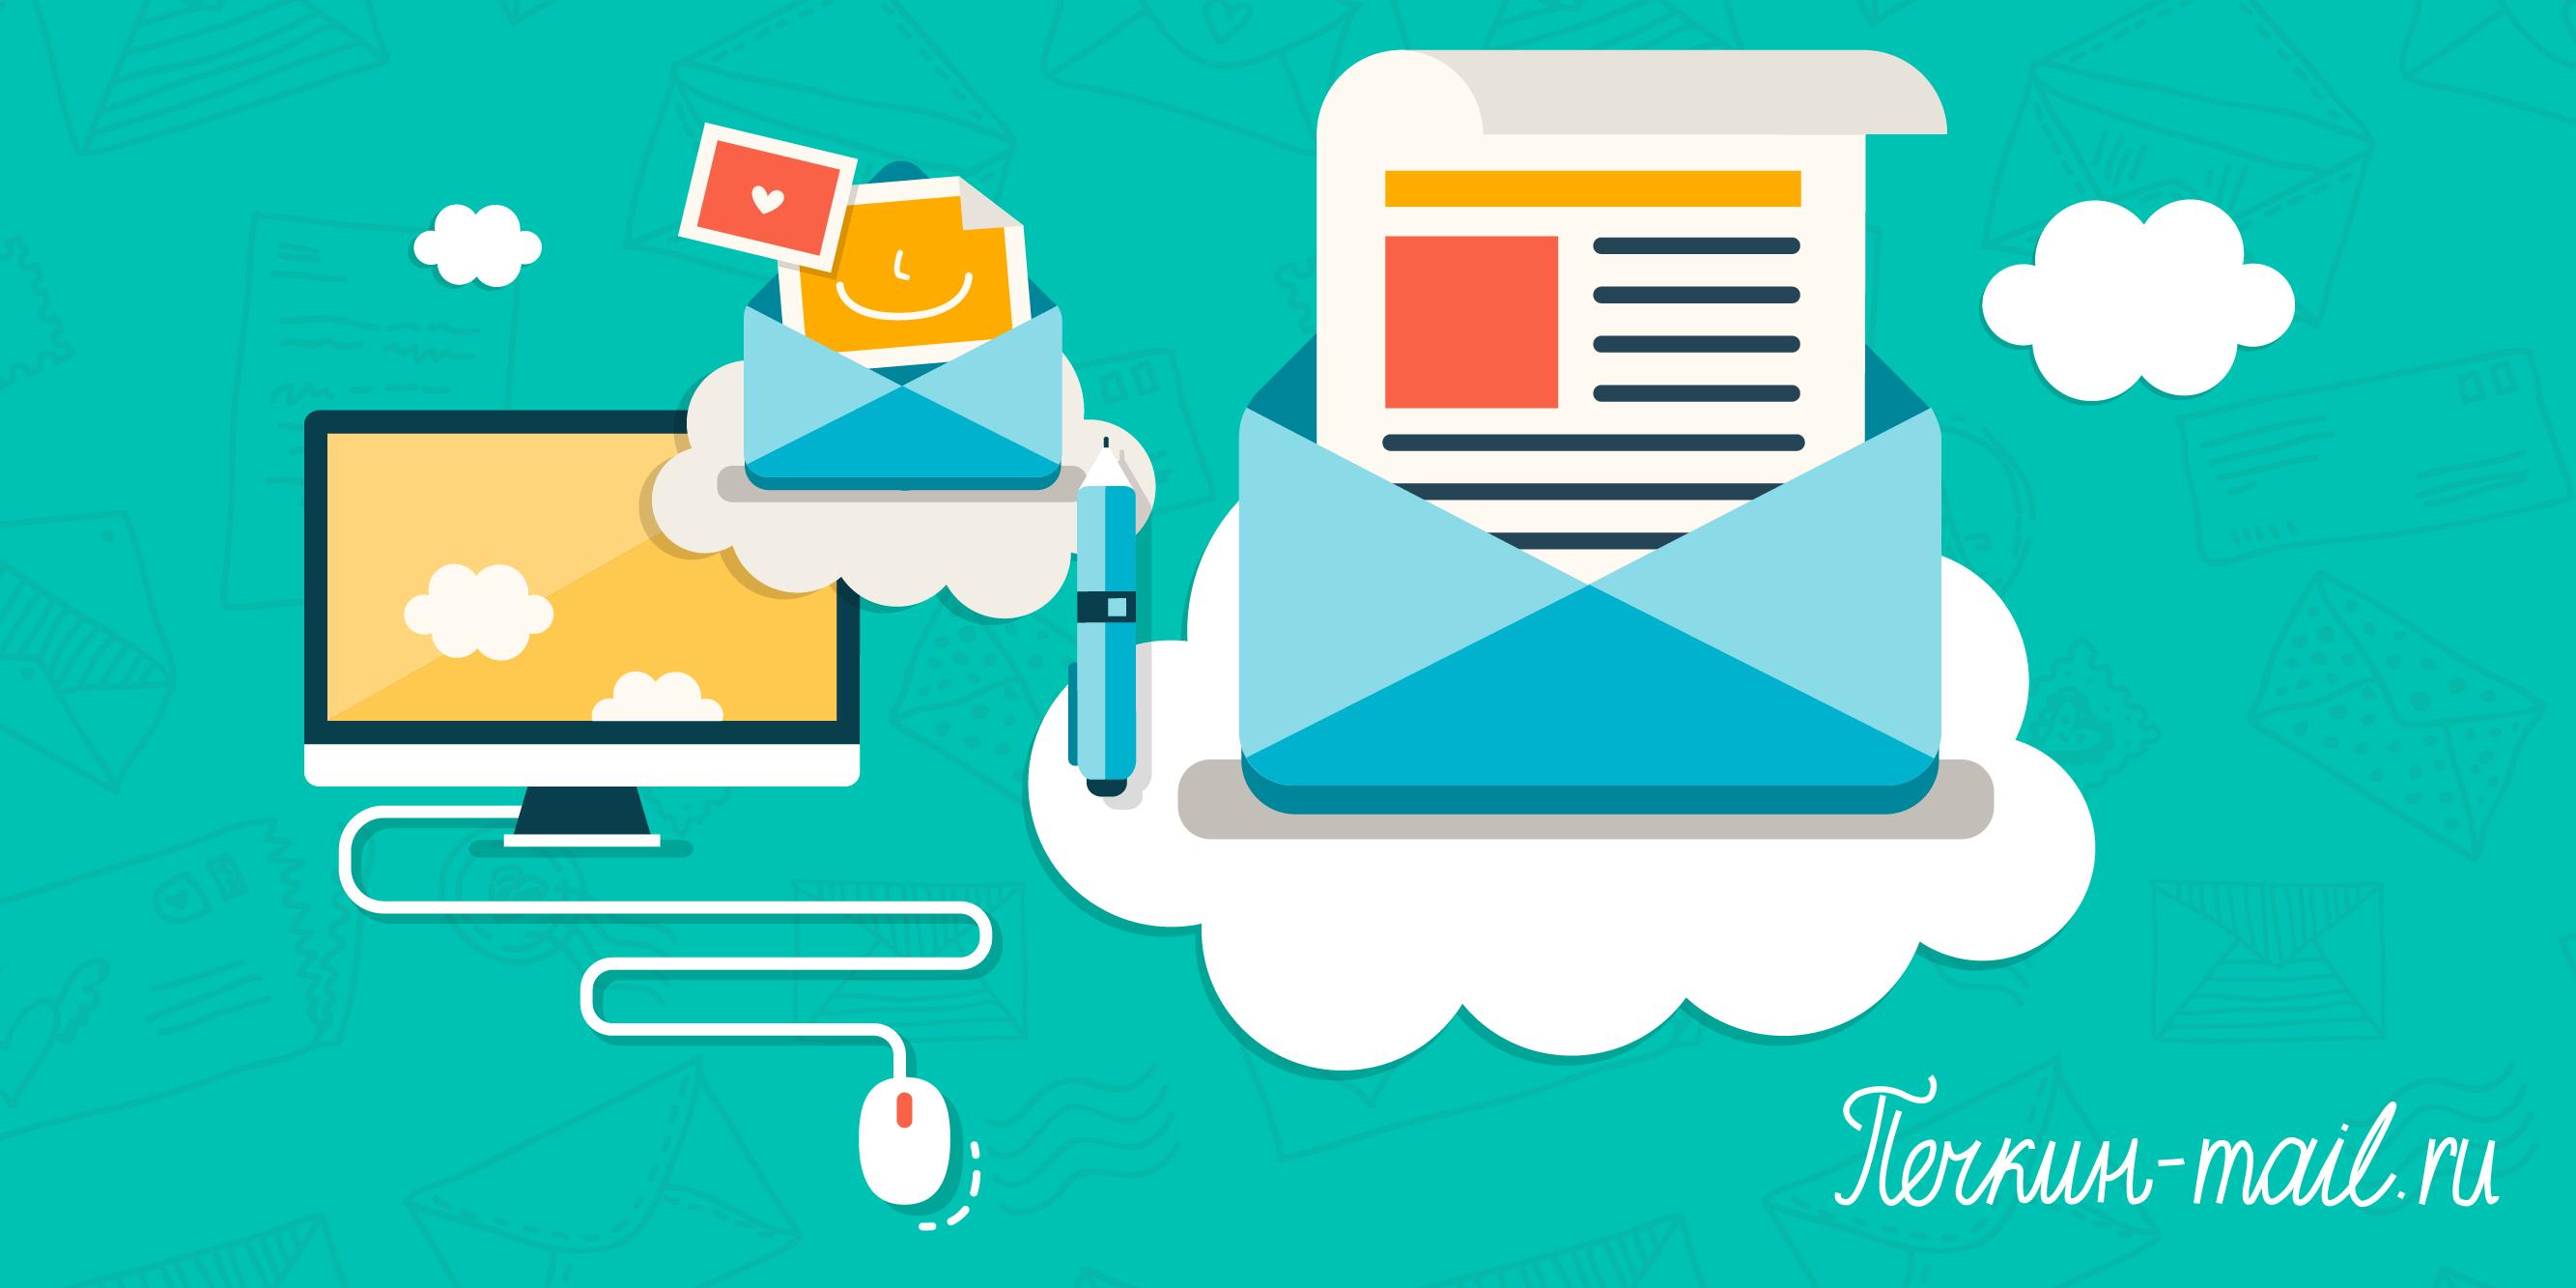 Система триггерных писем Печкин-mail.ru вернёт клиентов и увеличит продажи